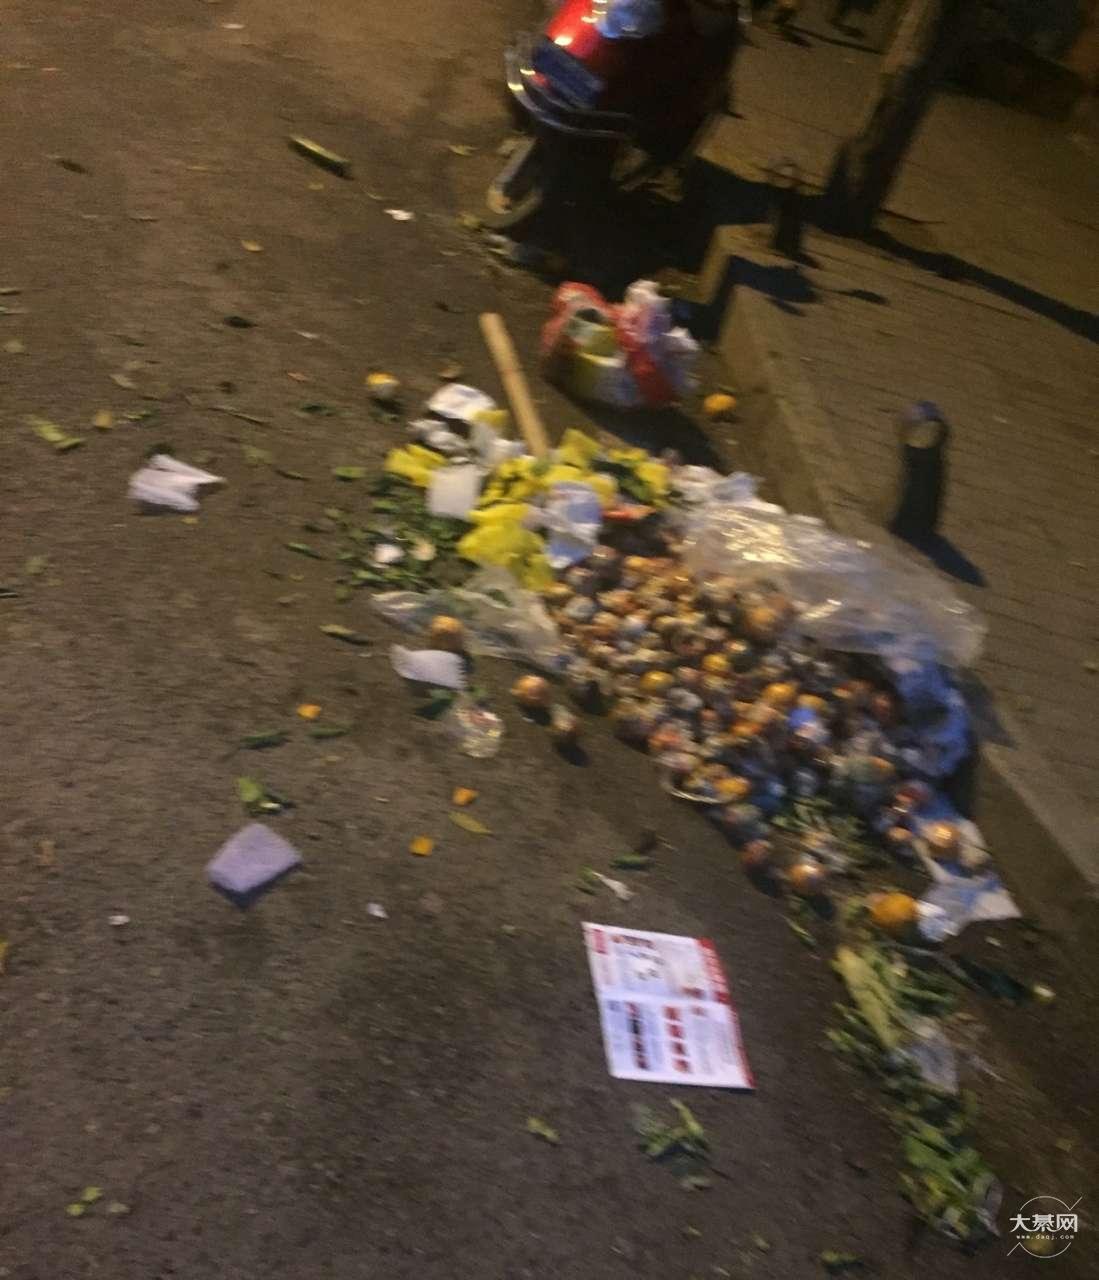 网友爆料:这就是卫生城市綦江,水果市场缺乏管理